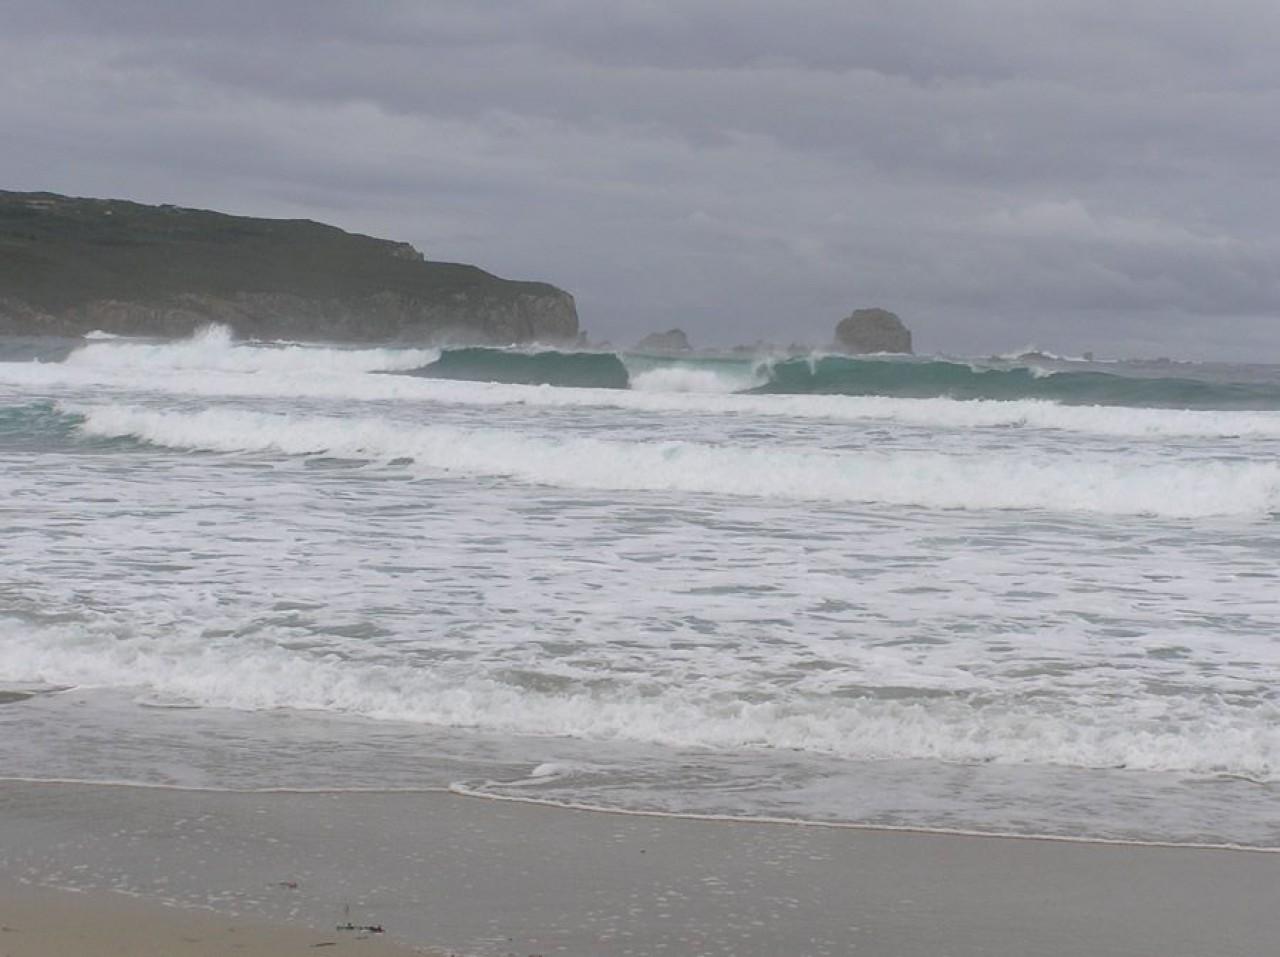 Praia de Santa Comba no inverno